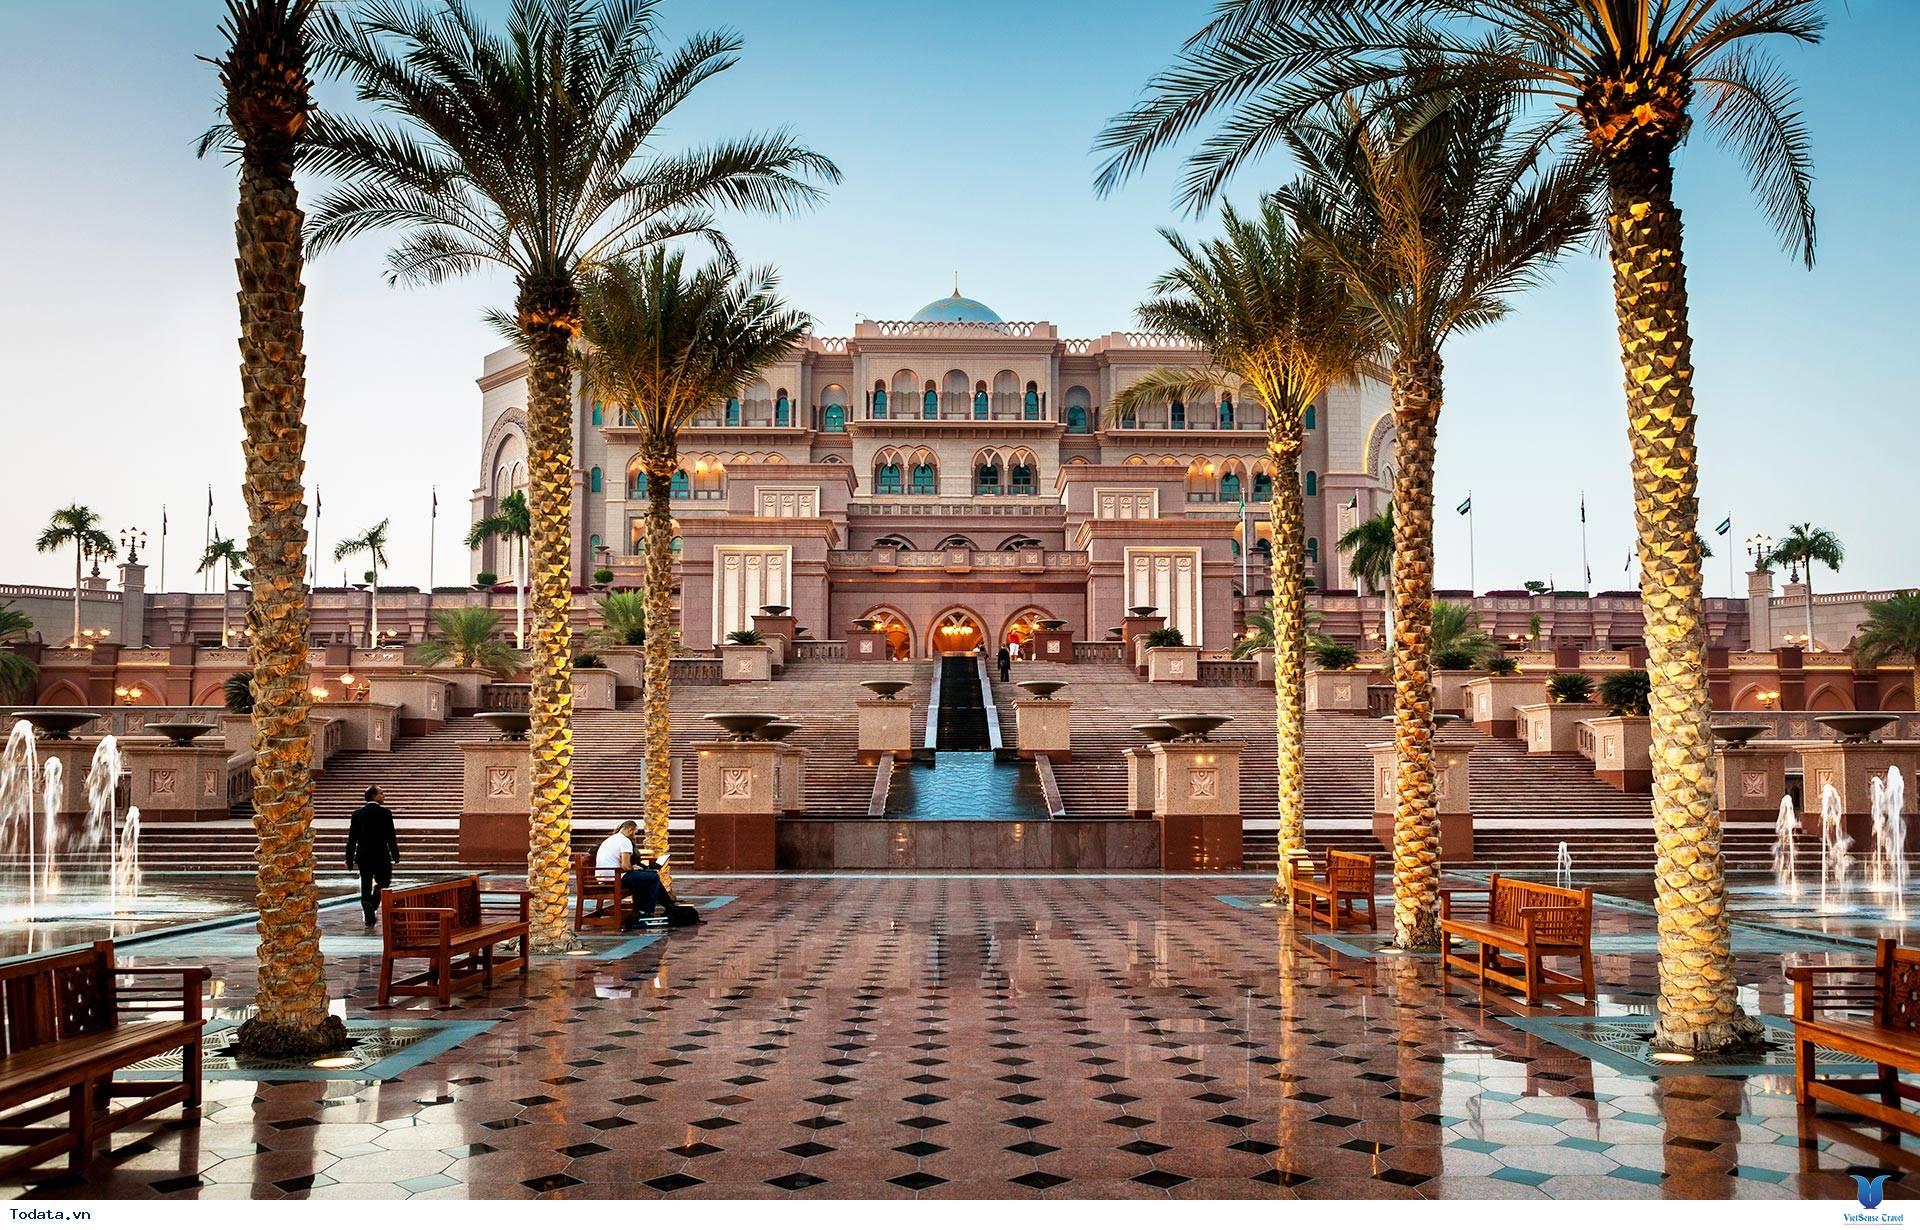 Khám Phá Khách Sạn 7 Sao Đẳng Cấp Emirates Palace - Ảnh 8